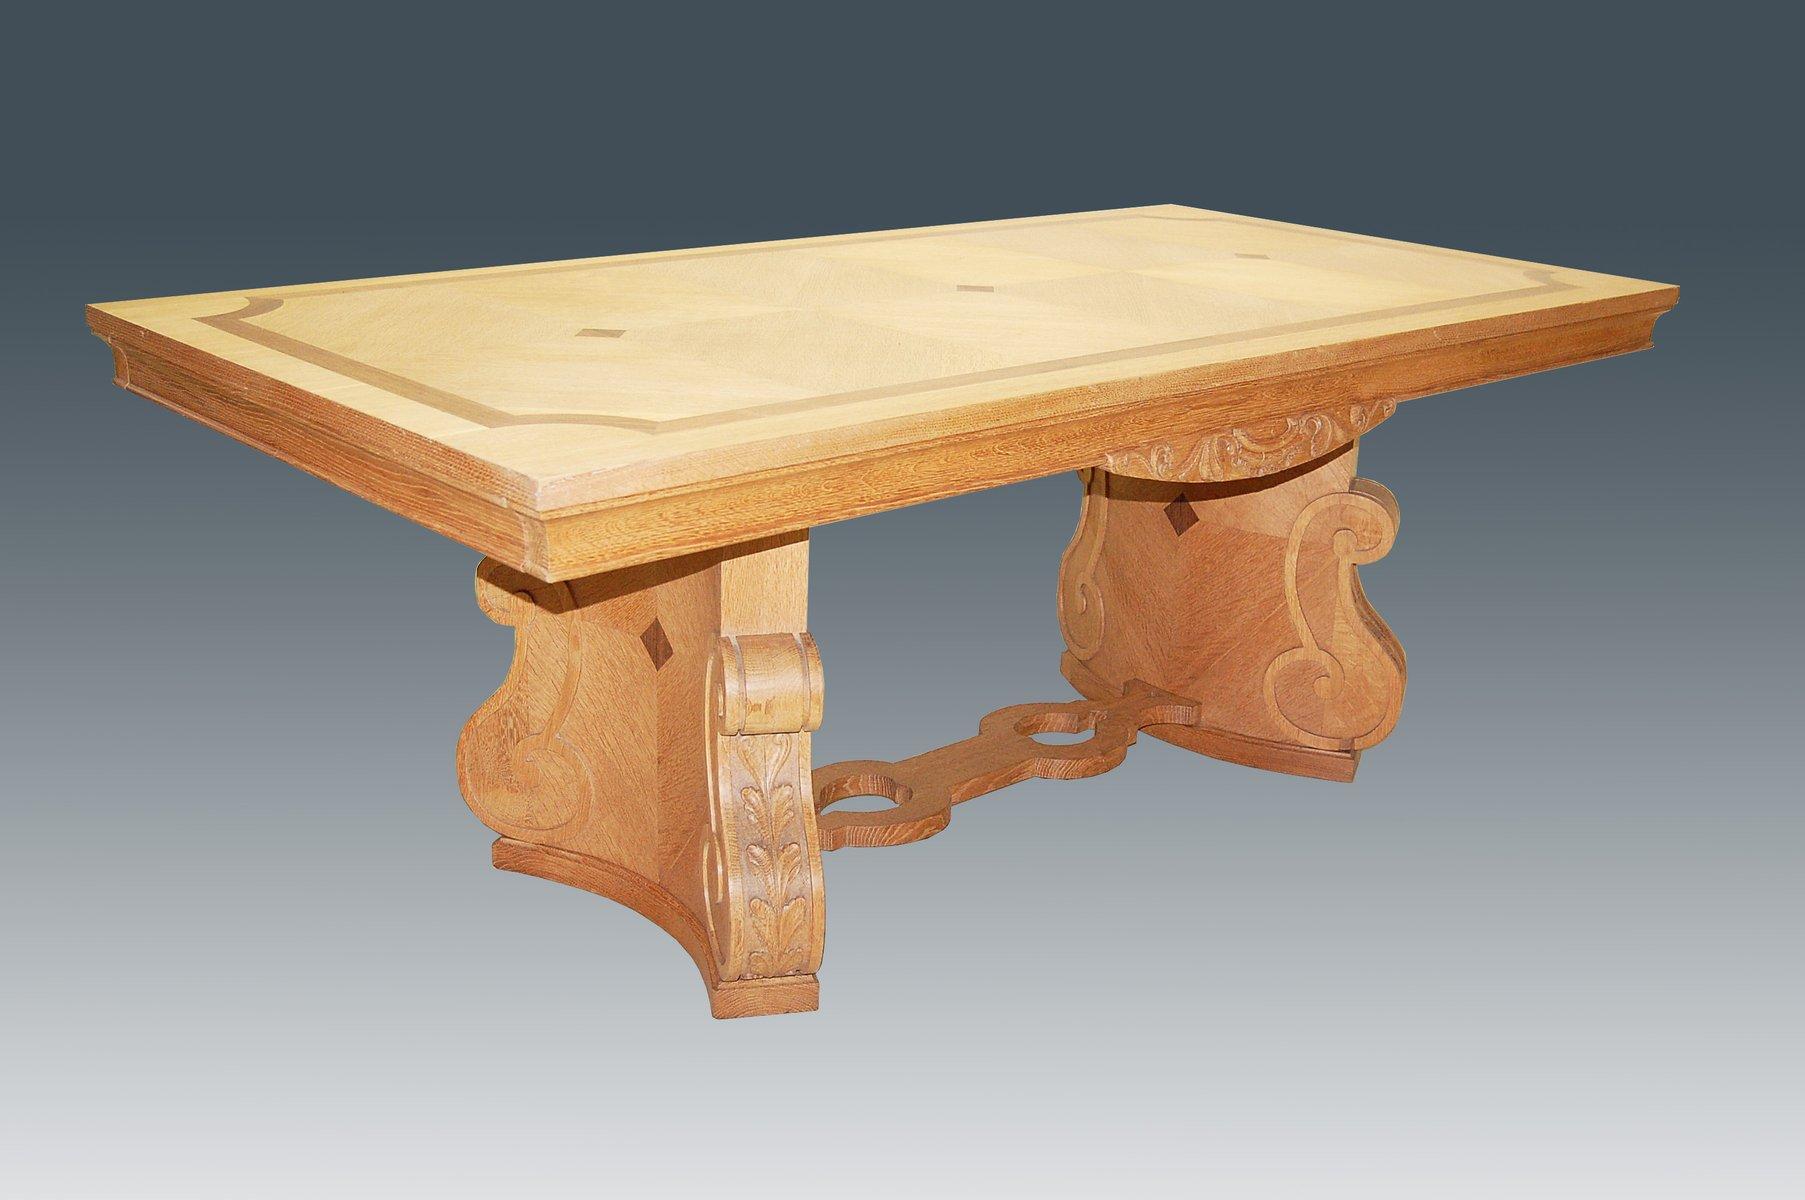 Mesa de comedor escultural grande con incrustaciones a os 40 en venta en pamono - Mesa de comedor grande ...